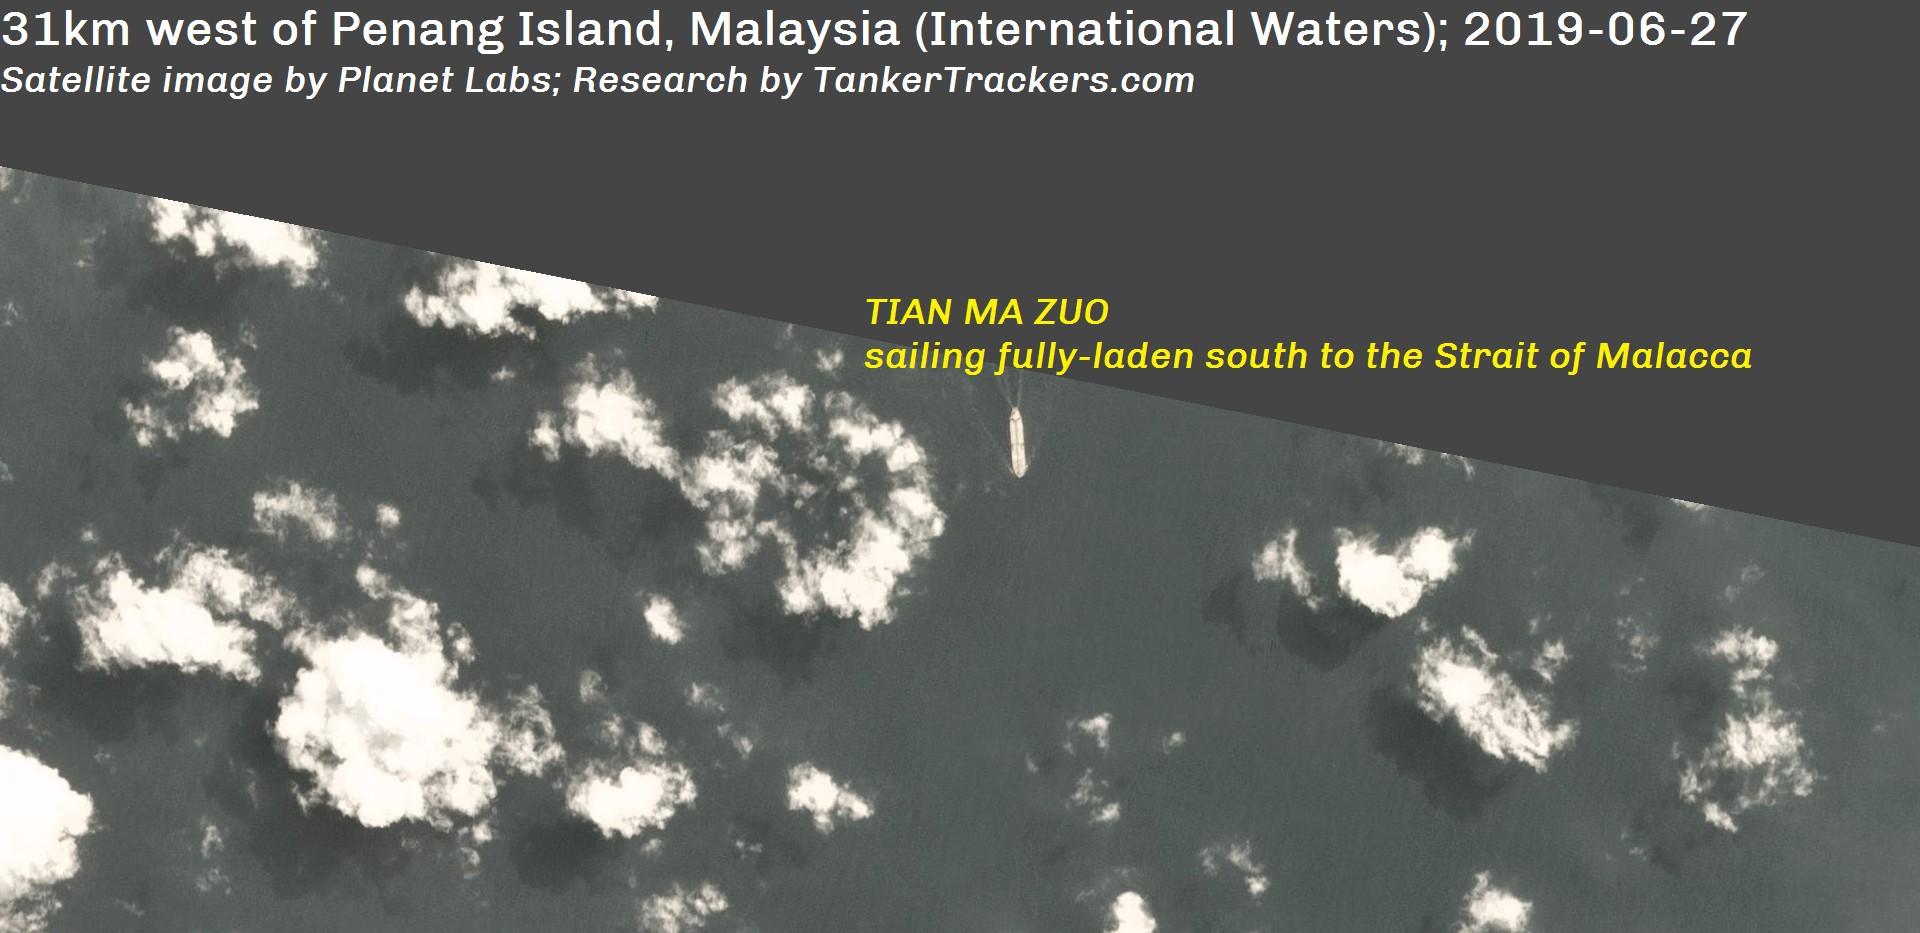 2019-06-27-TIAN-MA-ZUO-off-of-Penang-Island